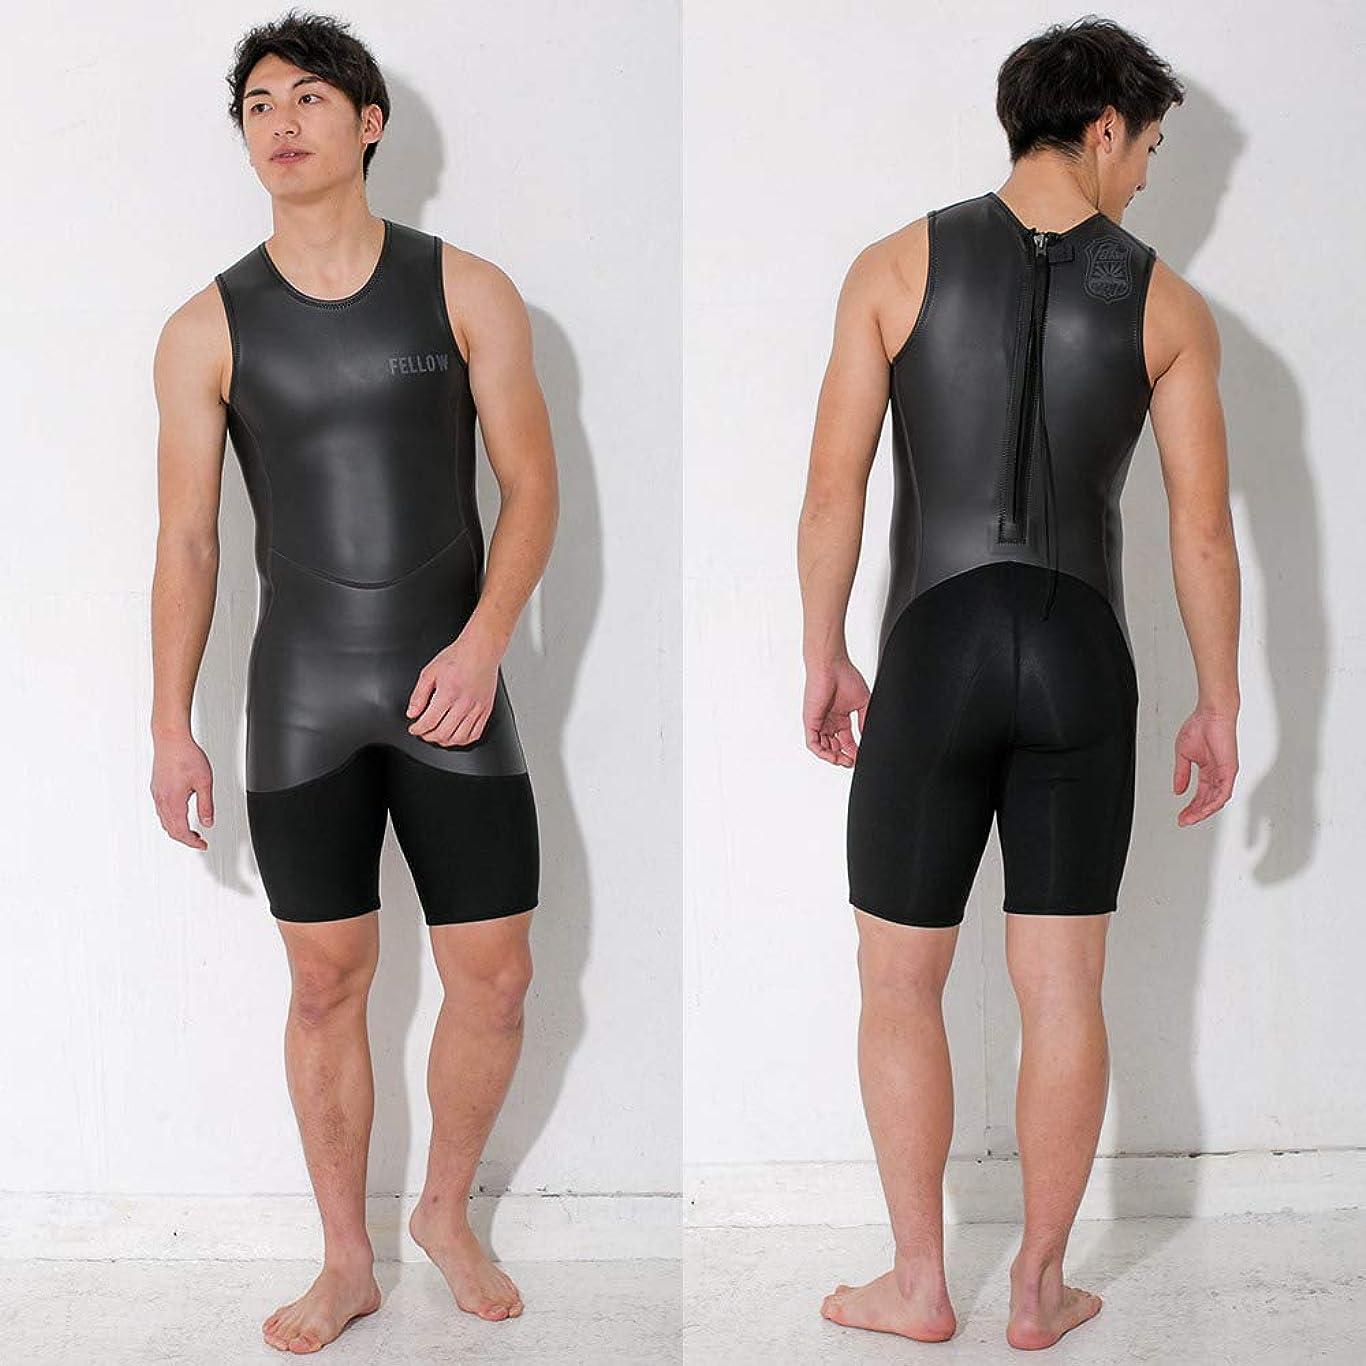 排泄物ために踊り子ウェットスーツ メンズ ショートジョン 2mm FELLOW 男性用 スキン クラシック ラバー バックジップ ウェットスーツ サーフィン ウエットスーツ 日本規格